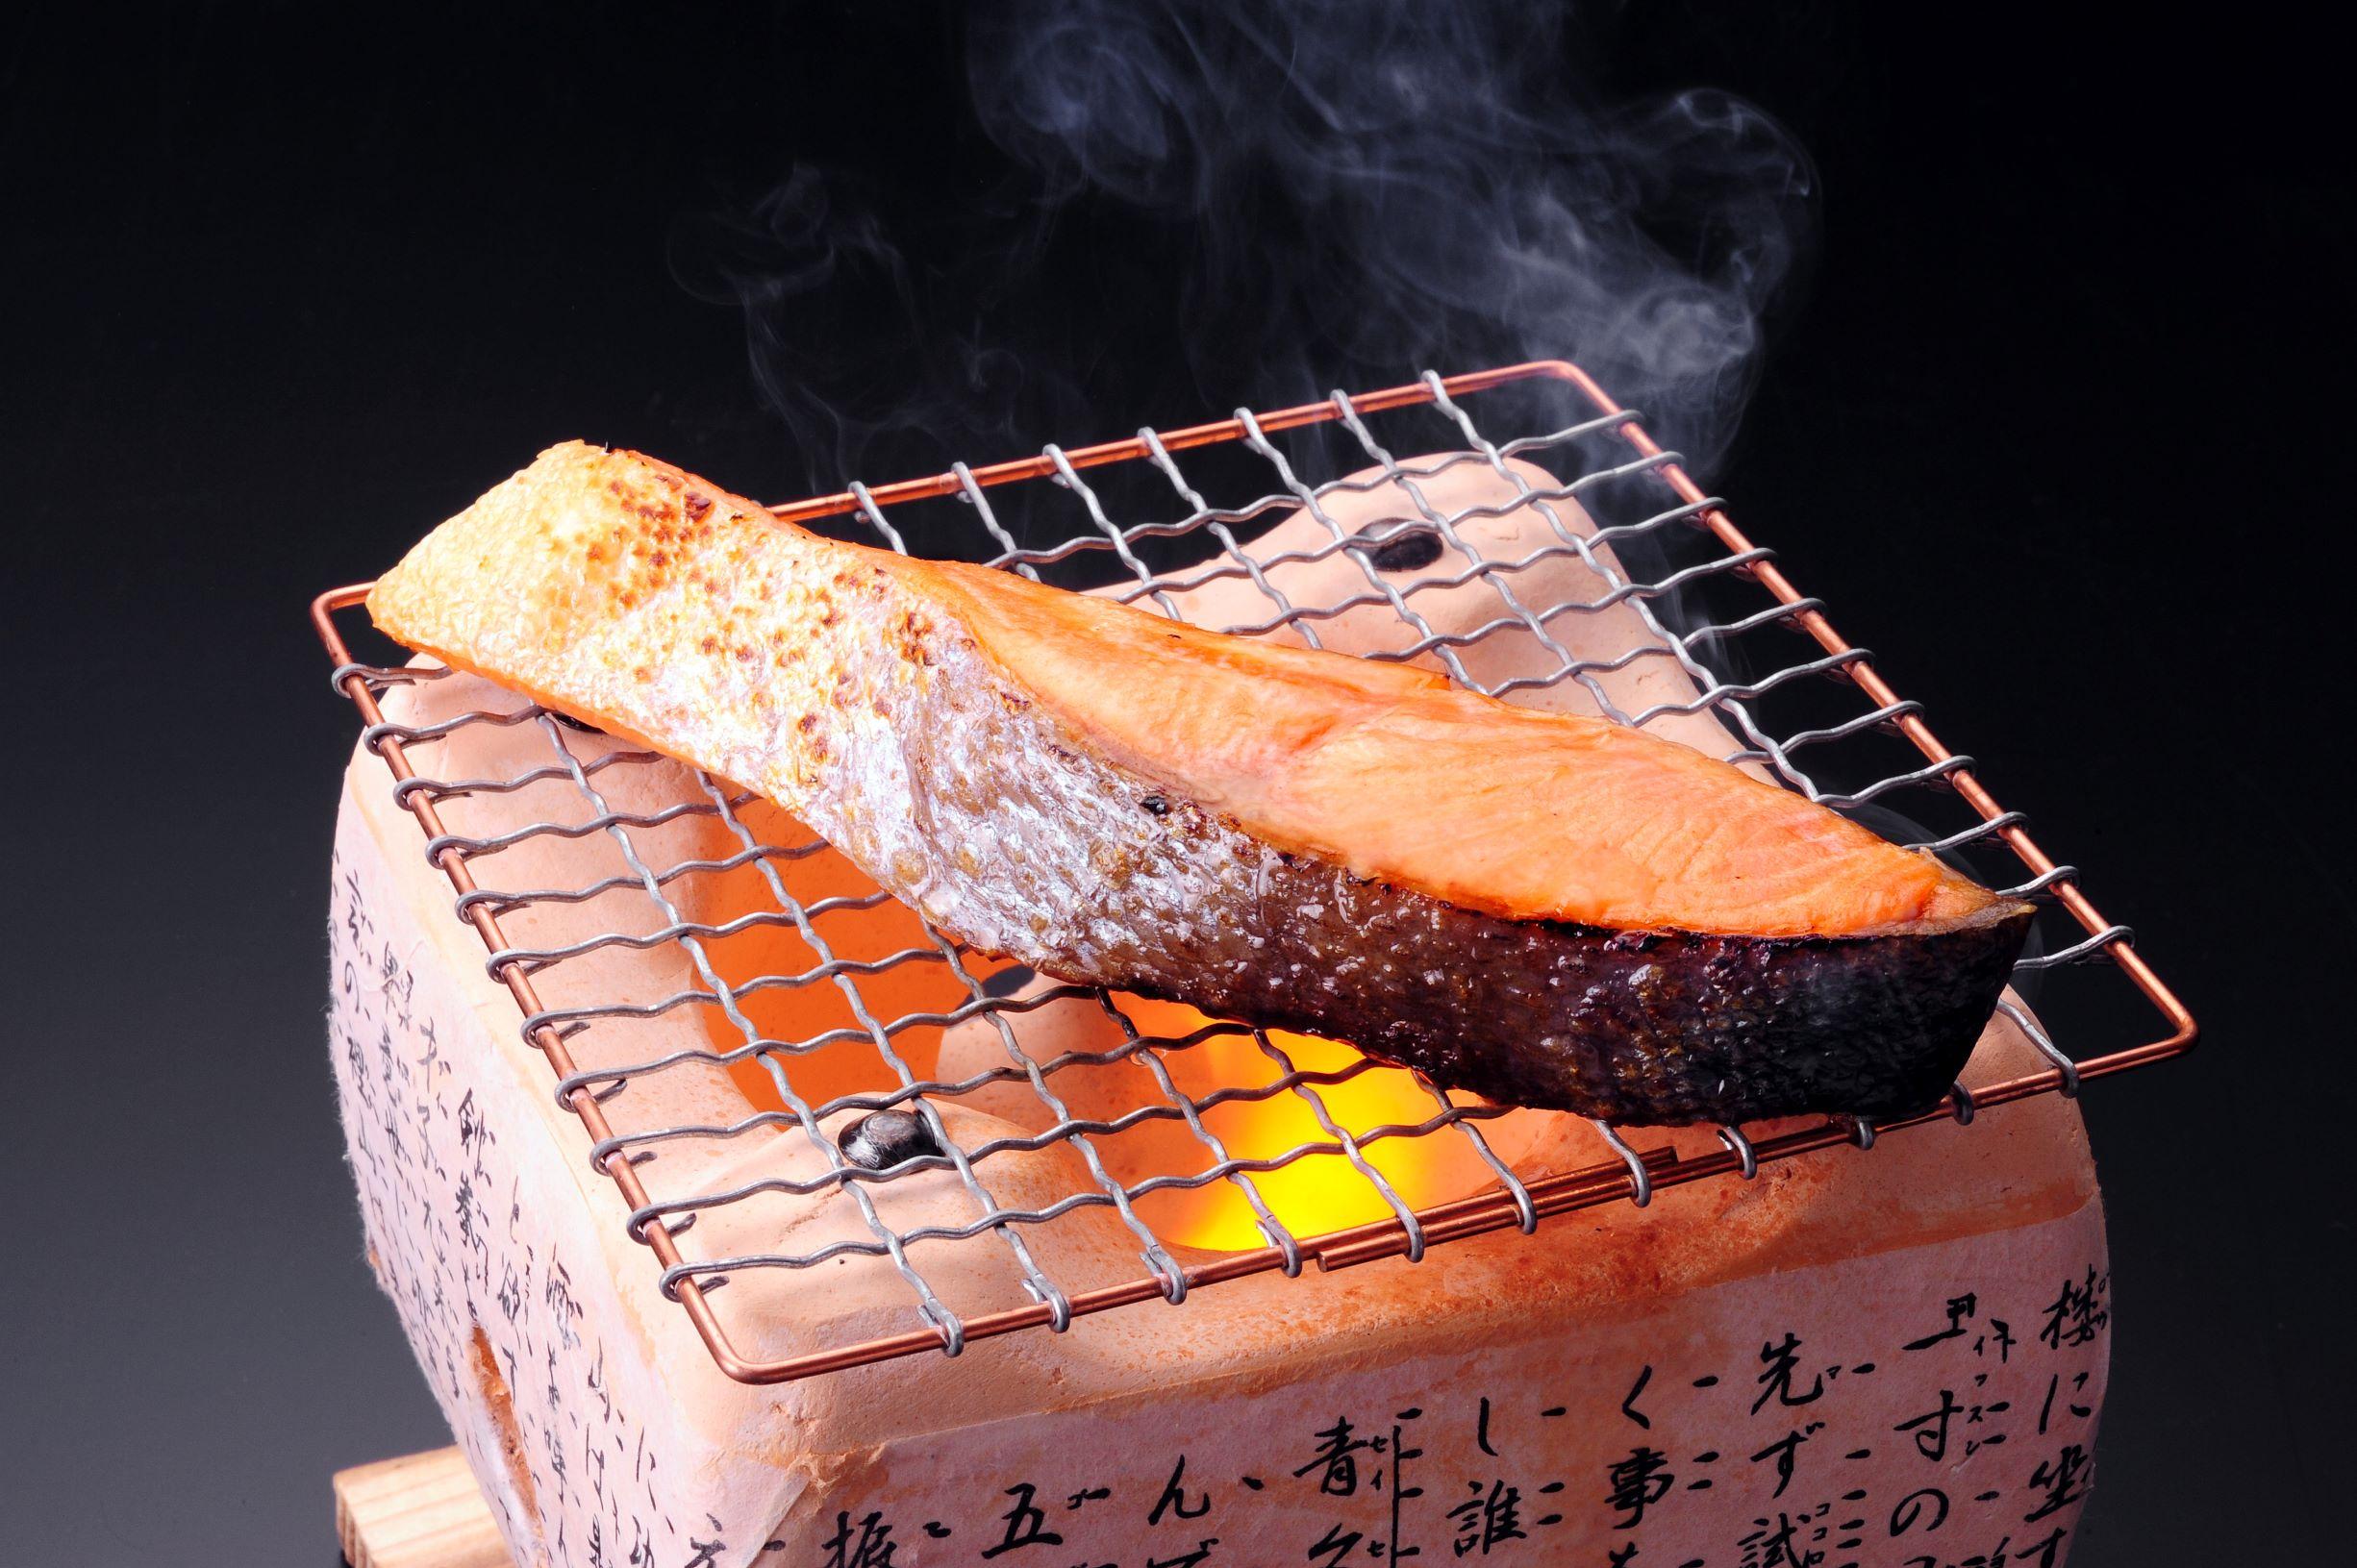 北海道産いくら醤油漬200g&北海道産鮭切身6切